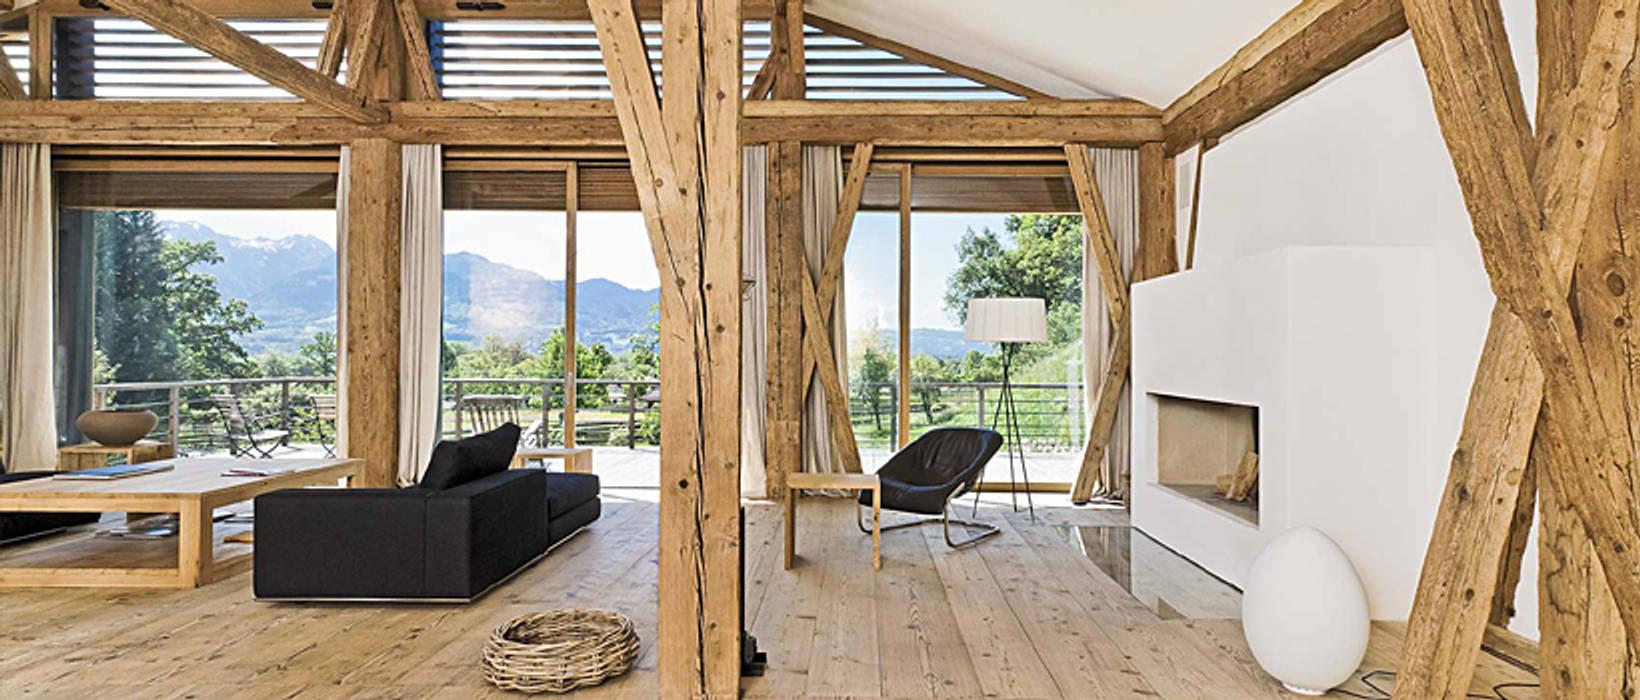 ausgefallene wohnzimmer bilder bauernhof n homify. Black Bedroom Furniture Sets. Home Design Ideas